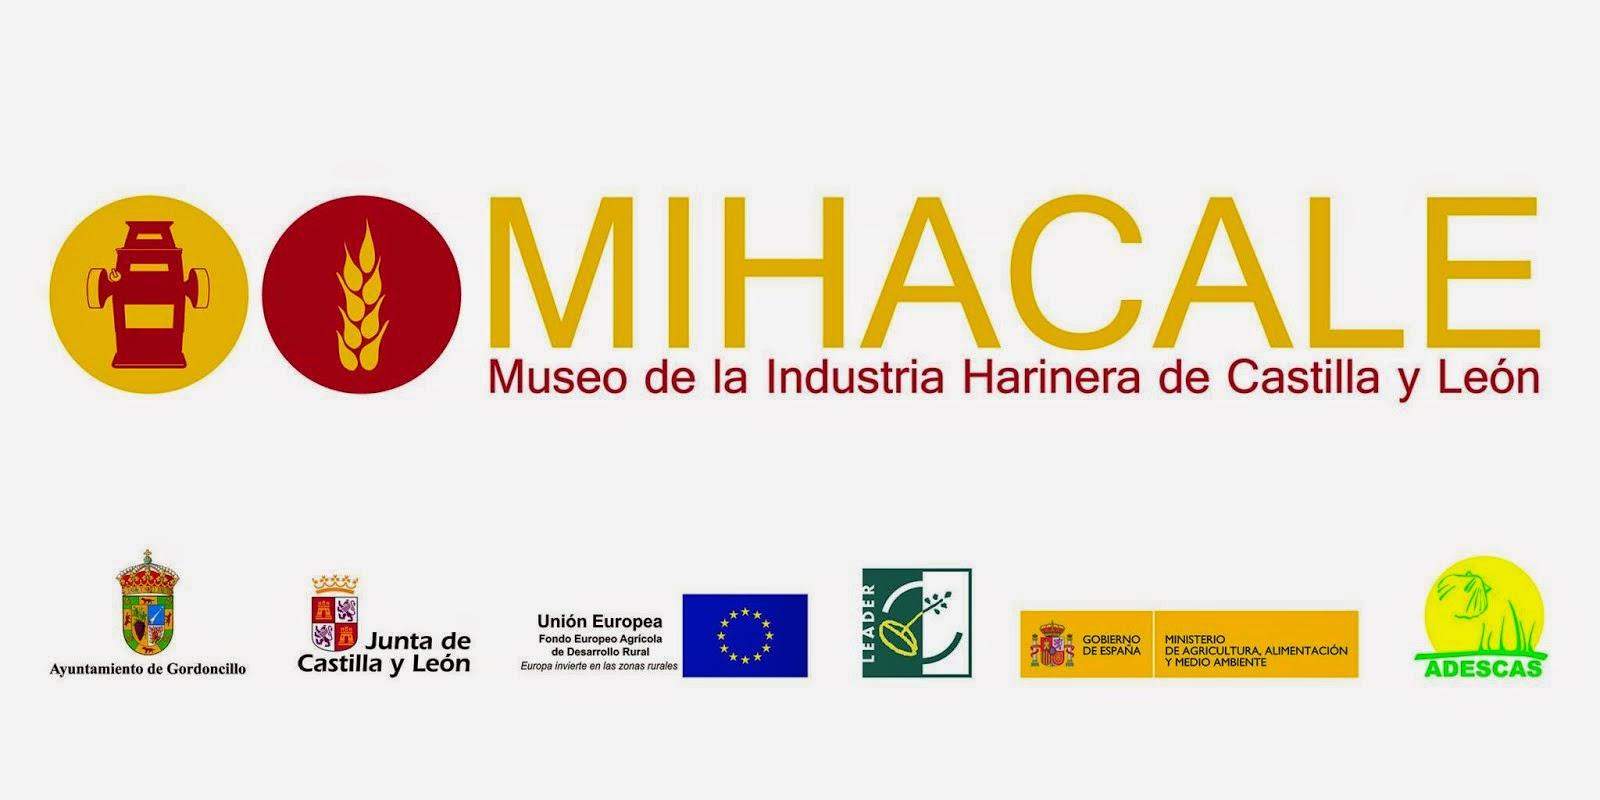 Museo de la Industria Harinera de Castilla y León